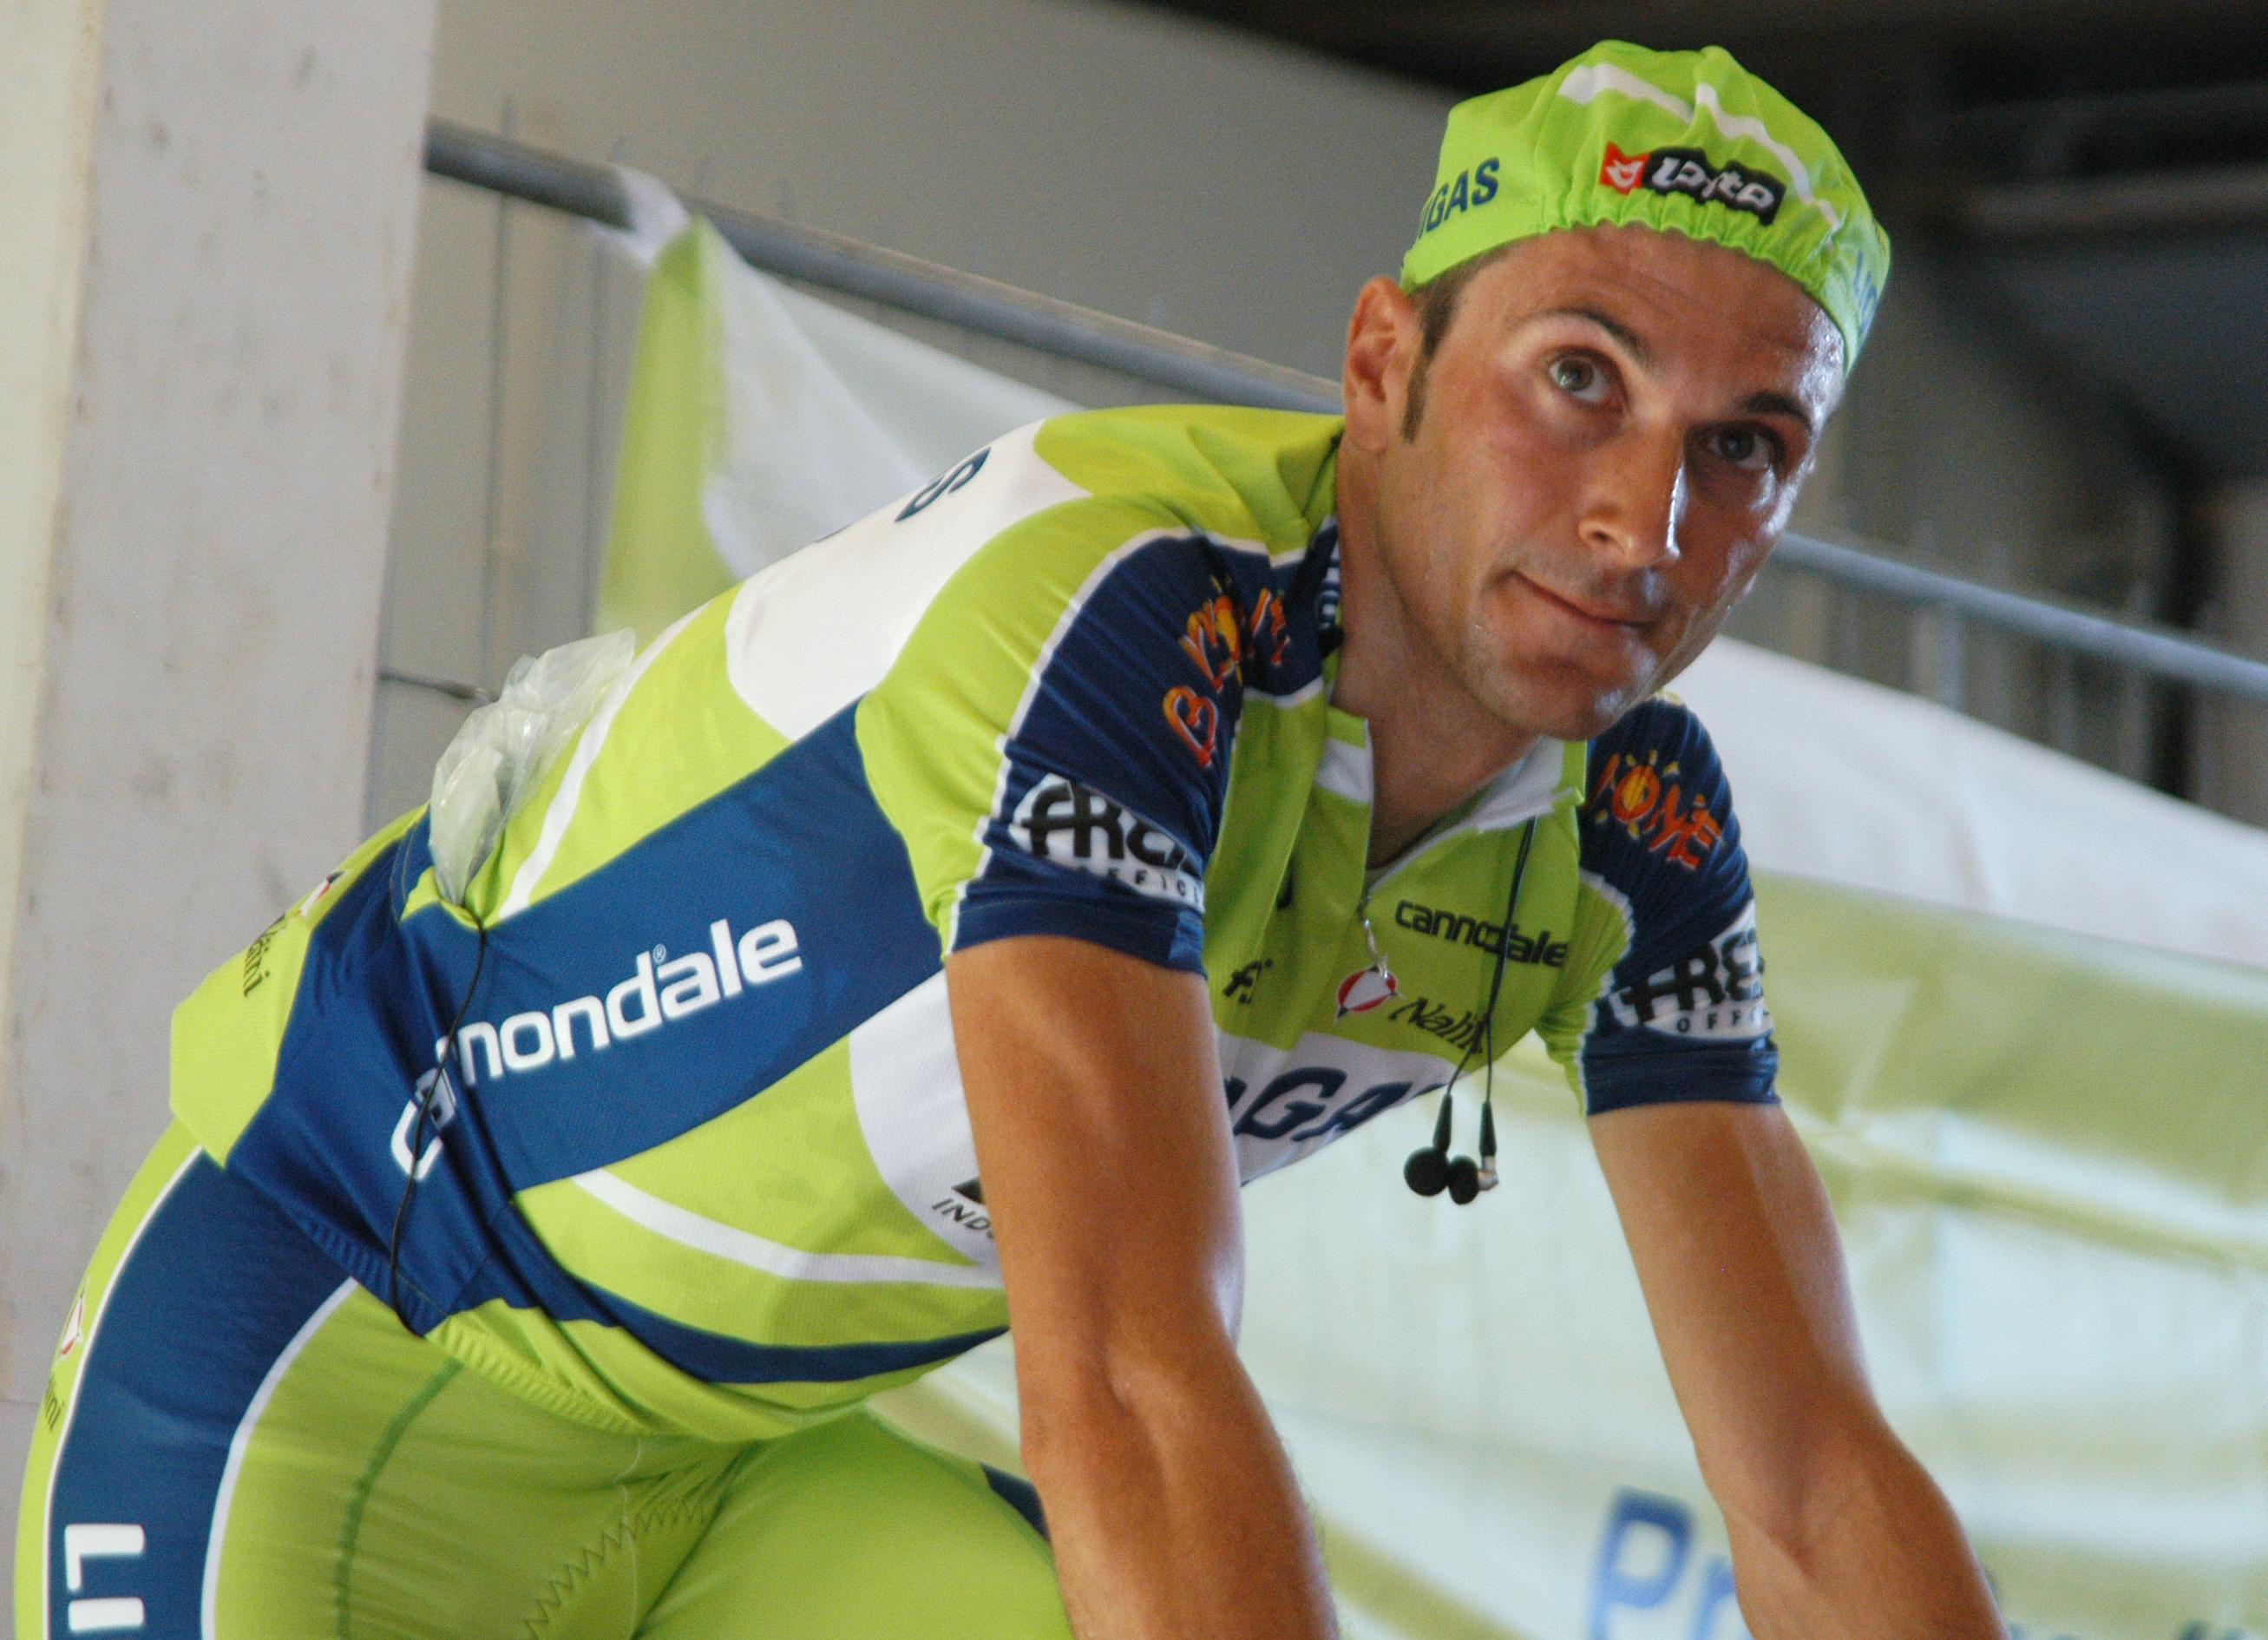 Ivan Basso non sarà al Giro d'Italia